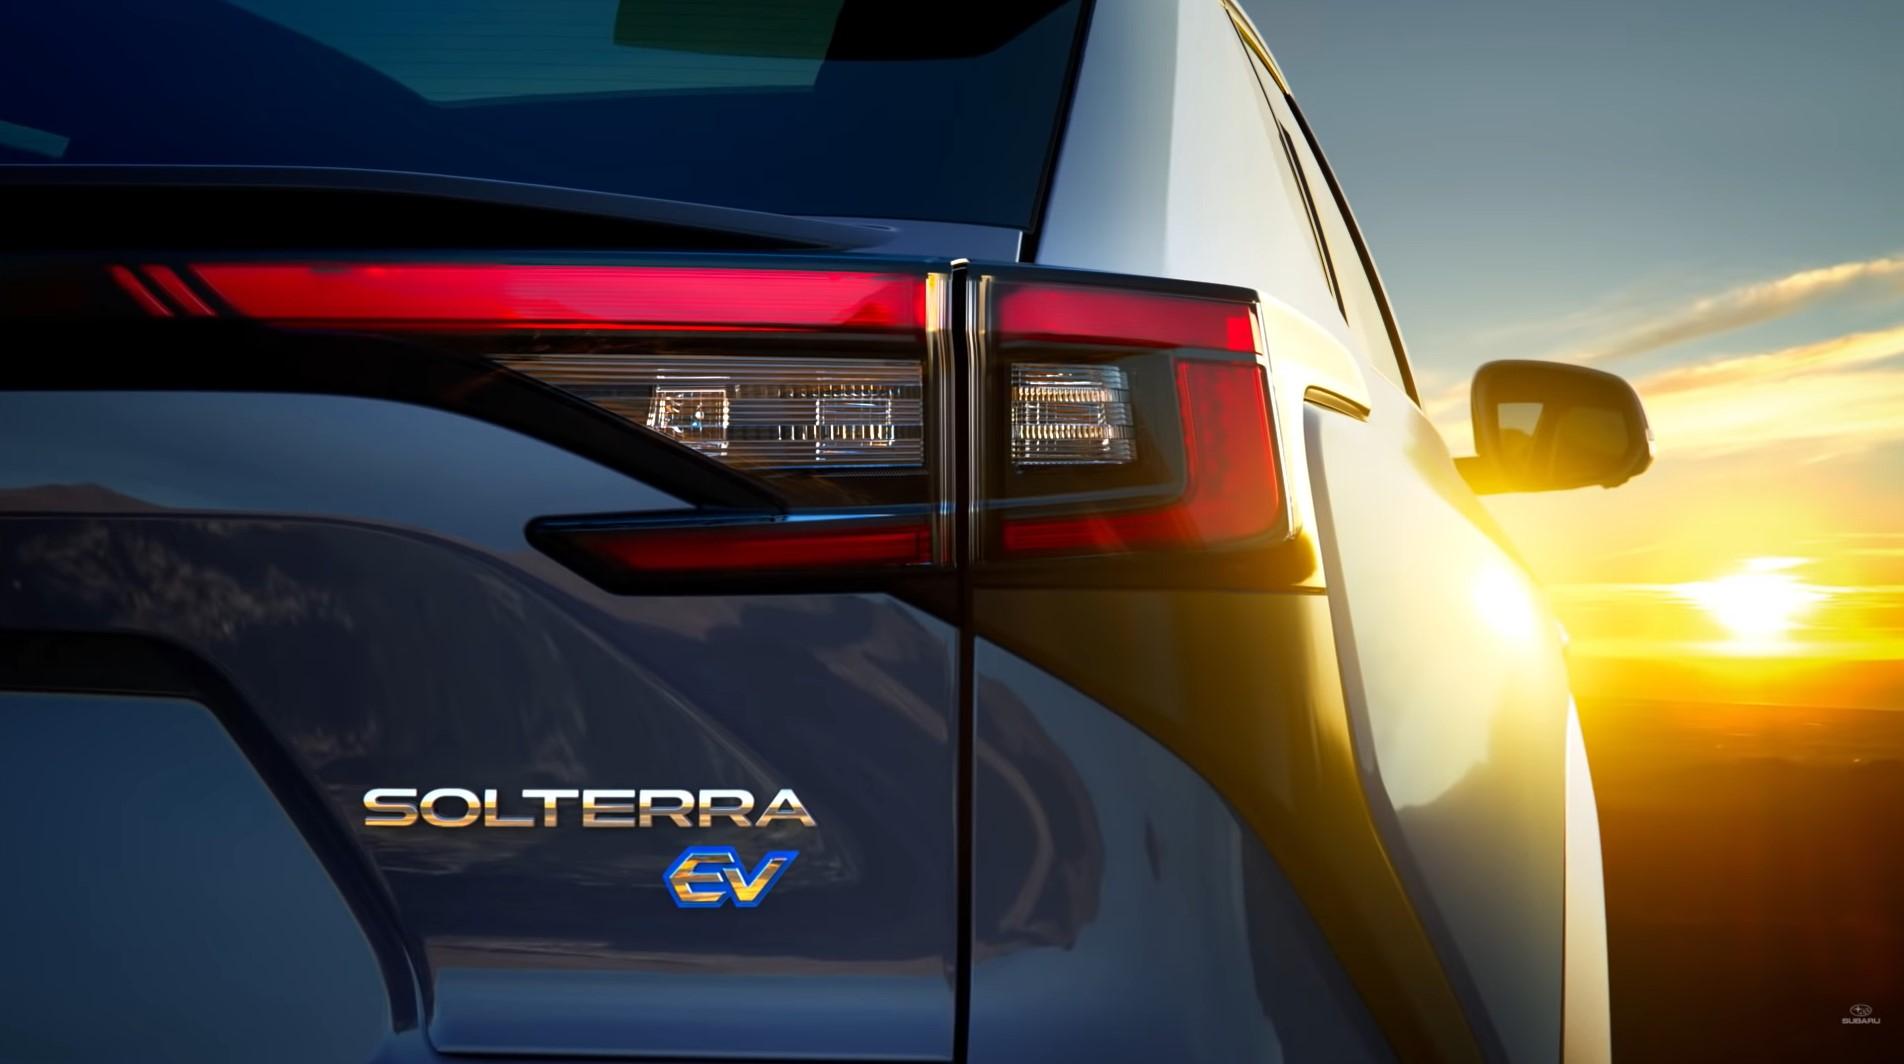 Компания Subaru представила новый электрический кроссовер Solterra 2023 года на видео